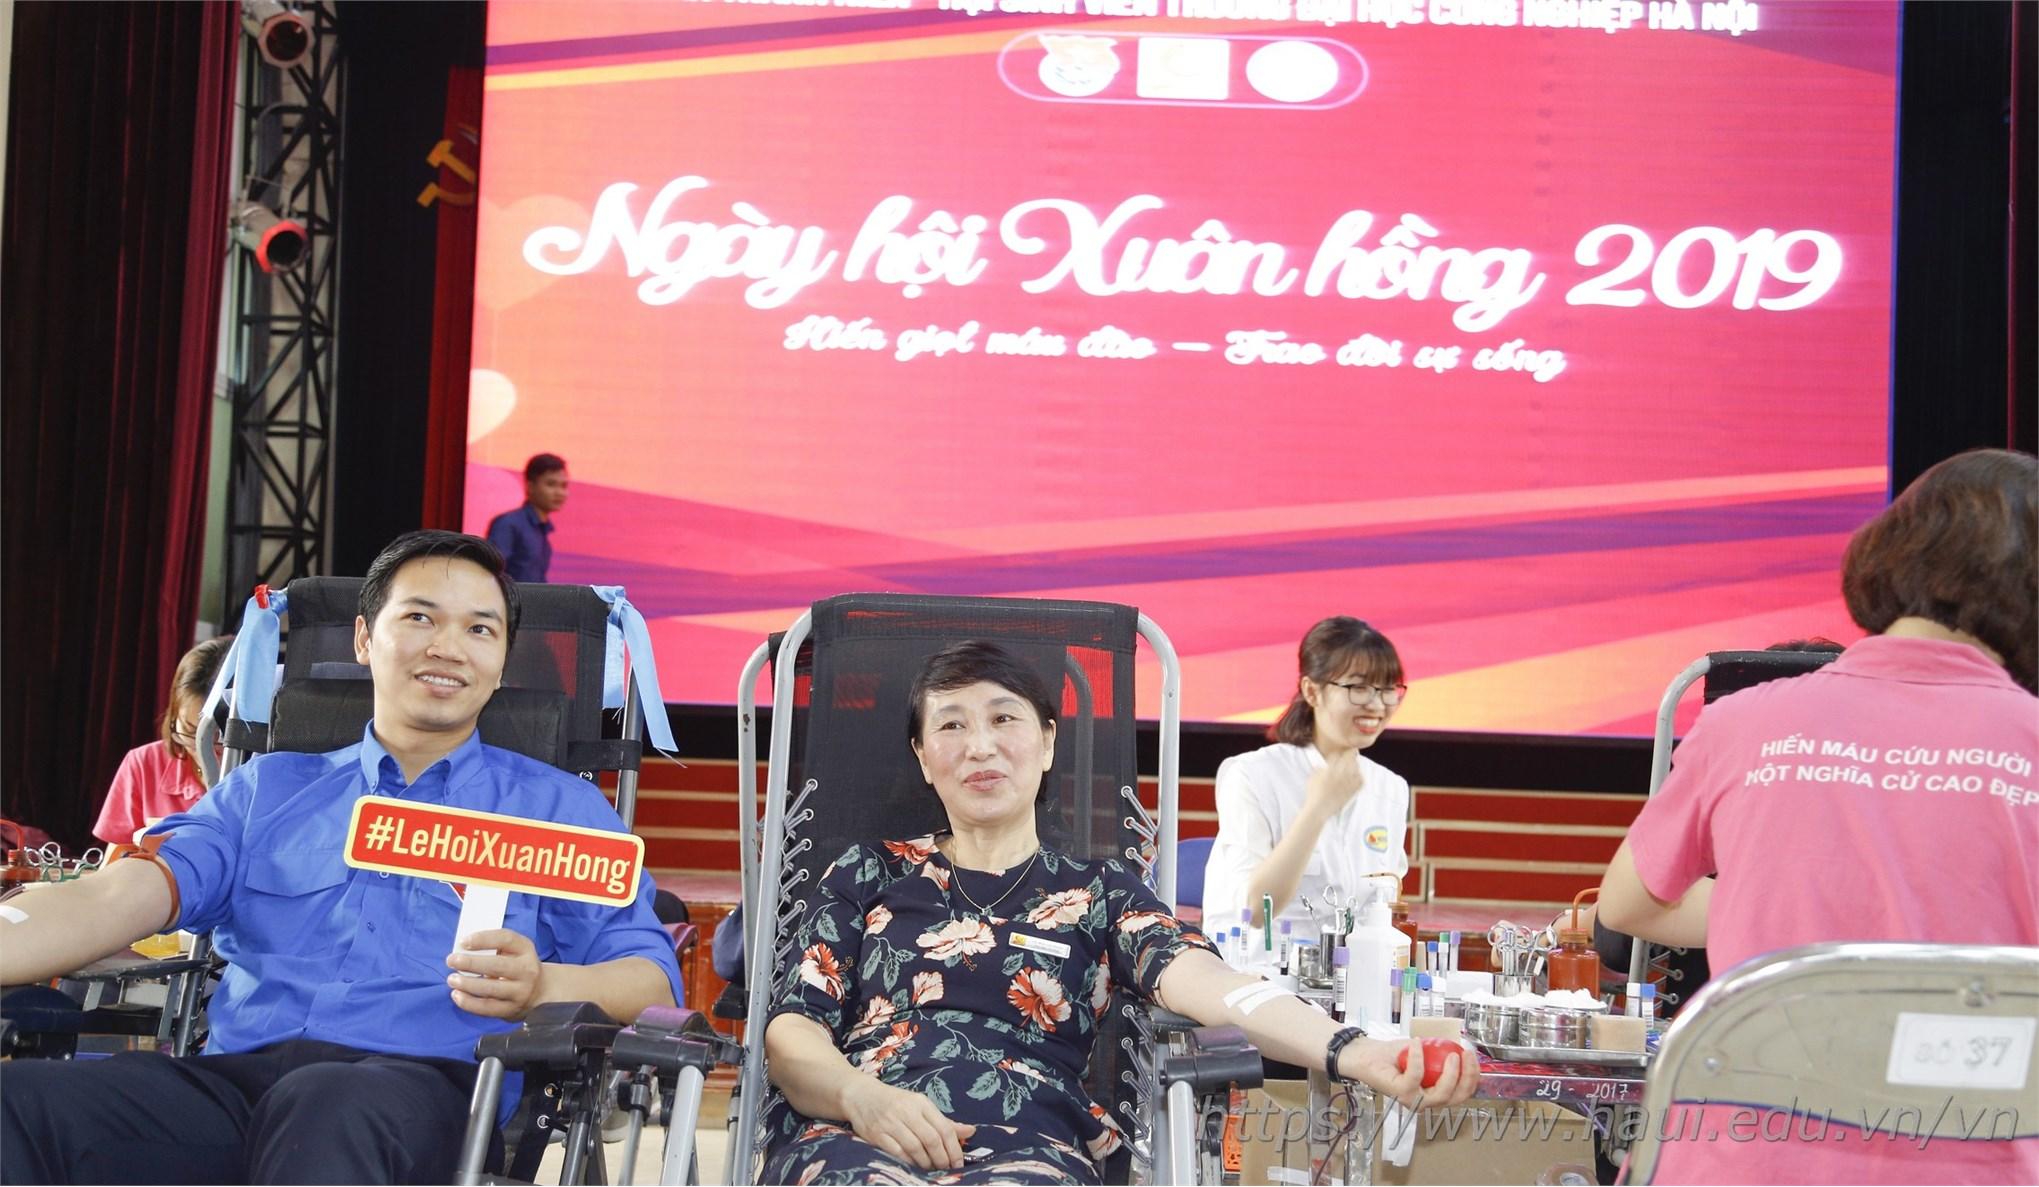 Cán bộ, giảng viên và sinh viên Trường Đại học Công nghiệp Hà Nội hiến tặng gần 2000 đơn vị máu tại Ngày hội Xuân hồng năm 2019